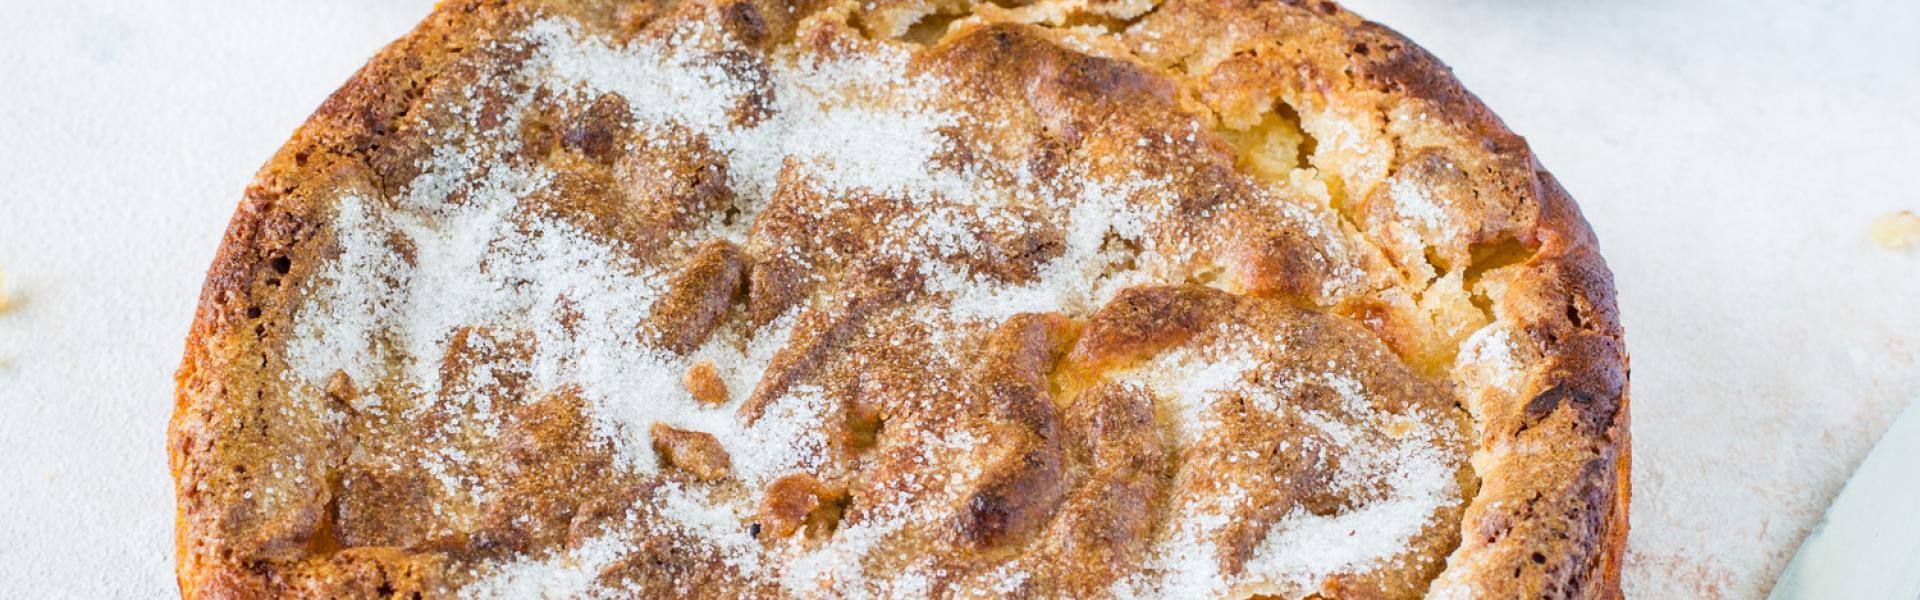 Glutenfreier Apfelkuchen mit Zuckerdecke auf weißem Tisch.